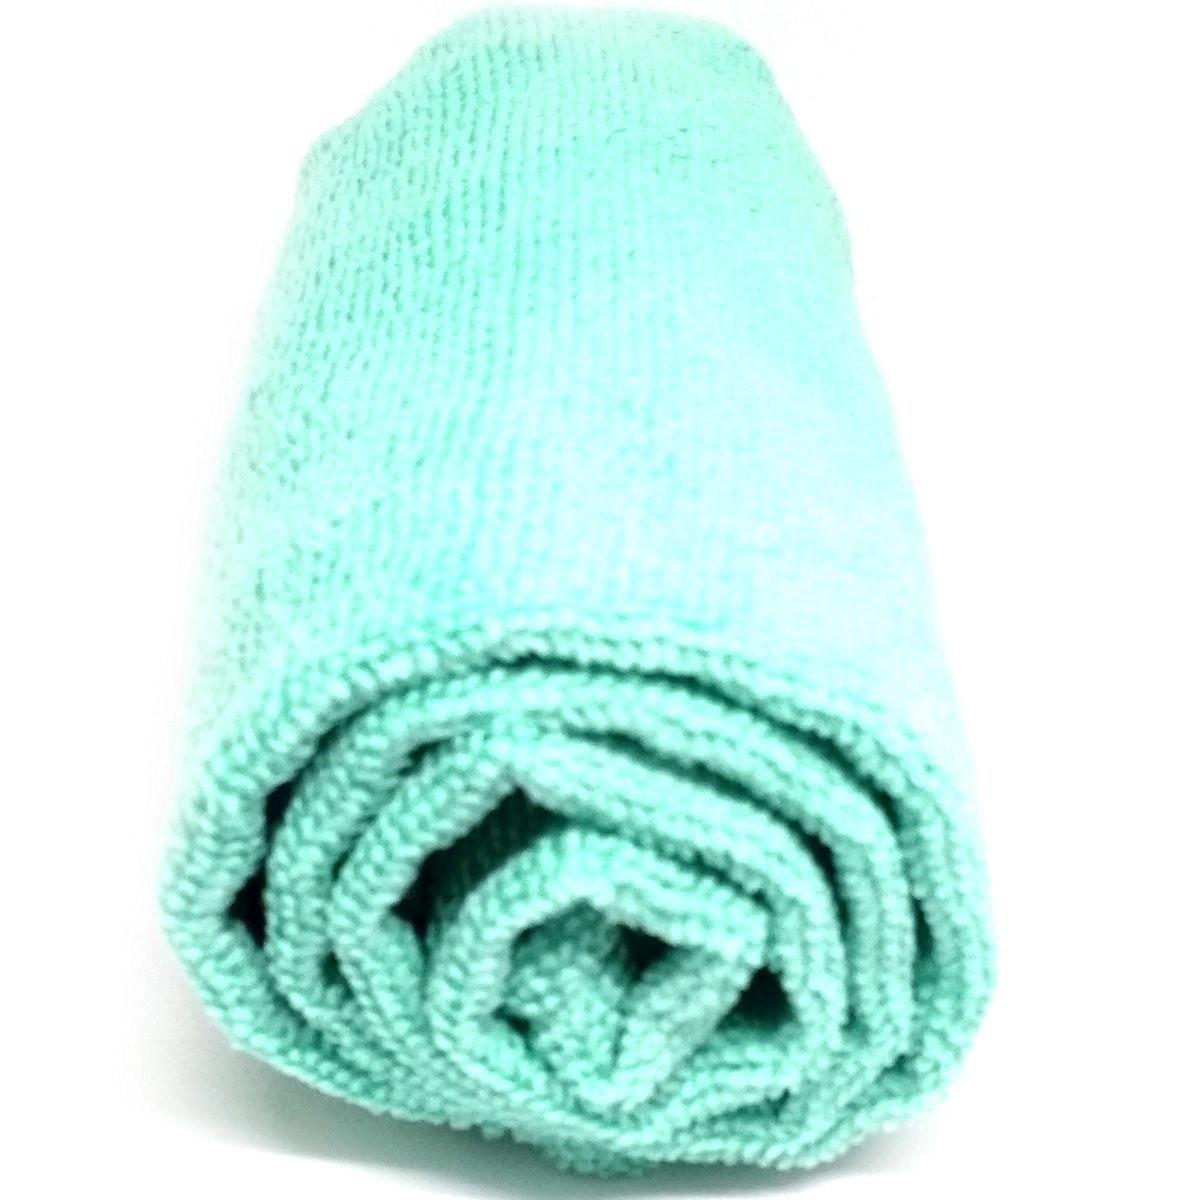 Toalha de Microfibra - Tamanho G - Verde Água